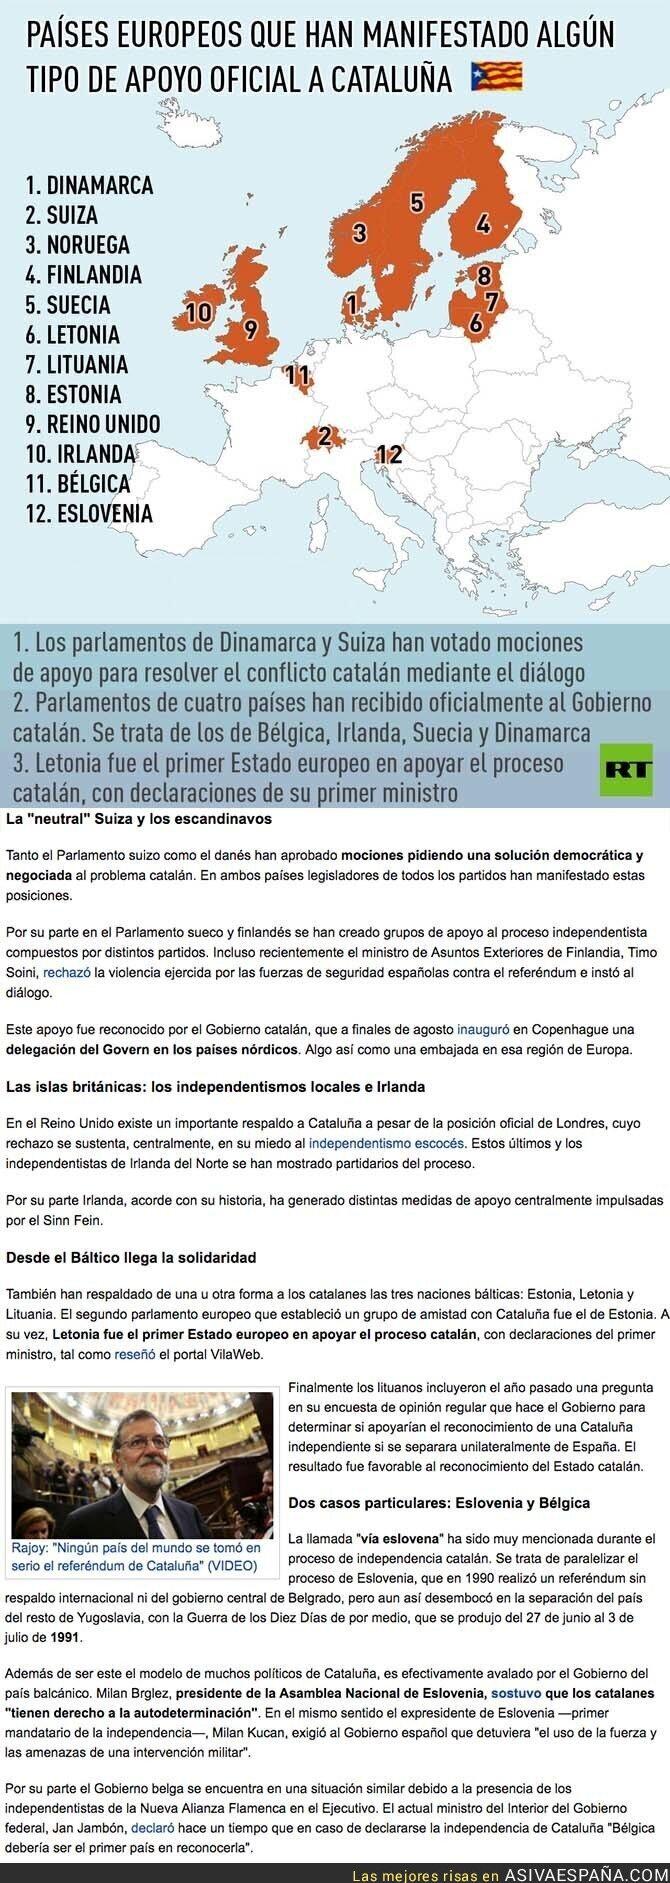 76980 - Los apoyos que tiene una Catalunya independiente